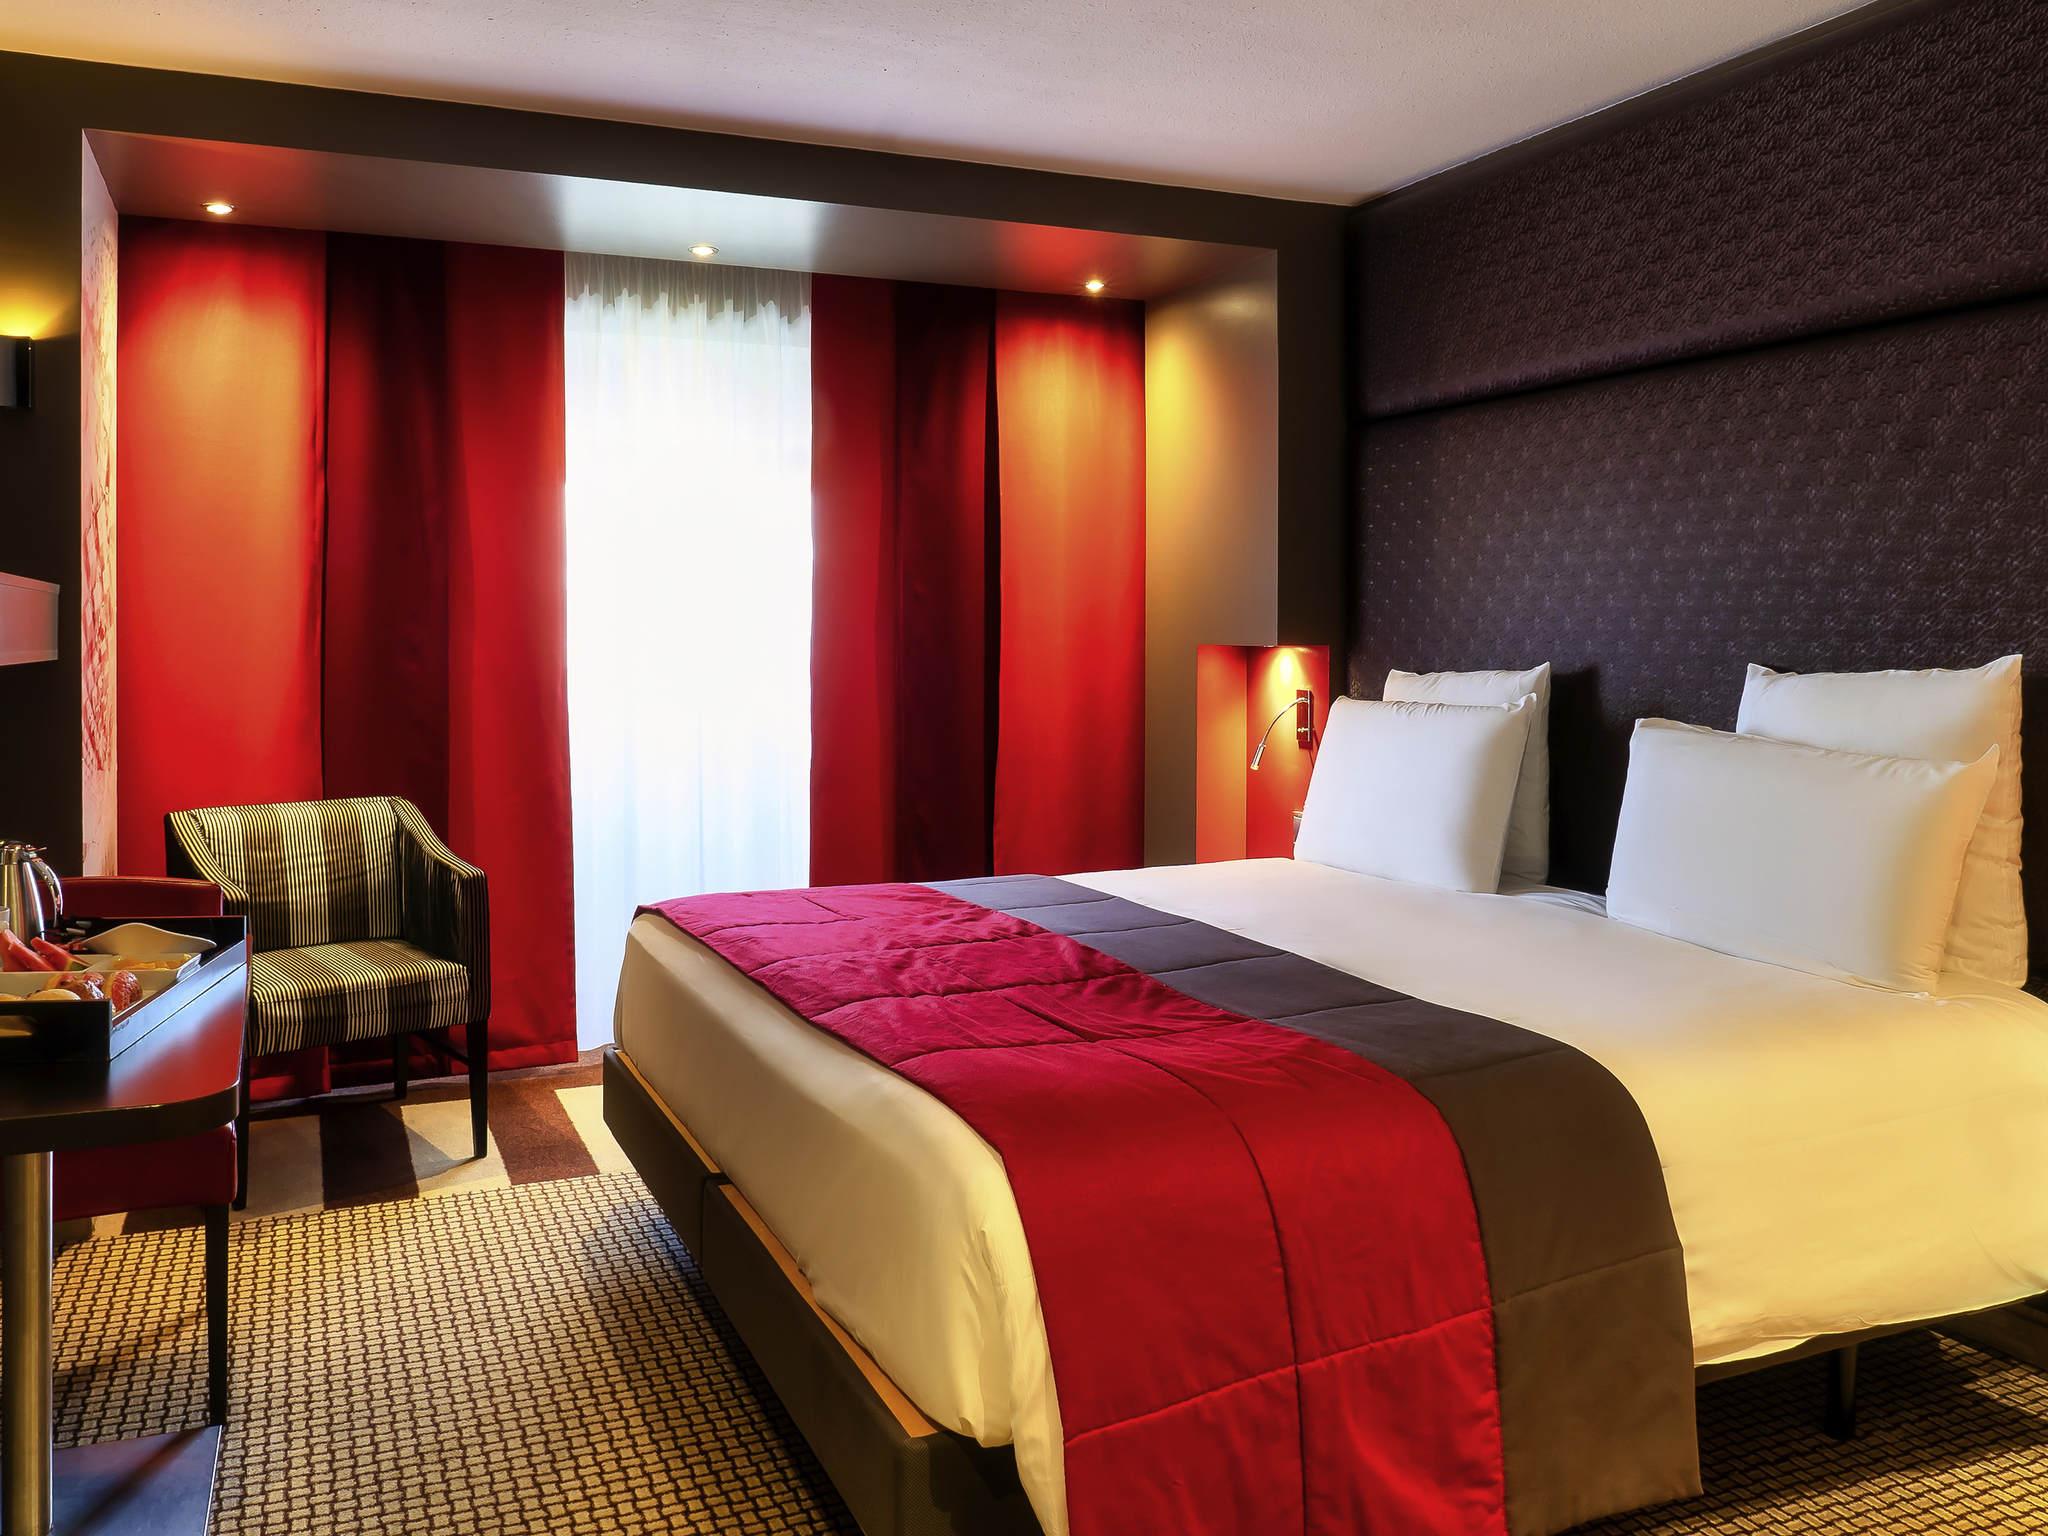 Hotel im paris renaissance paris vendome offizielle website